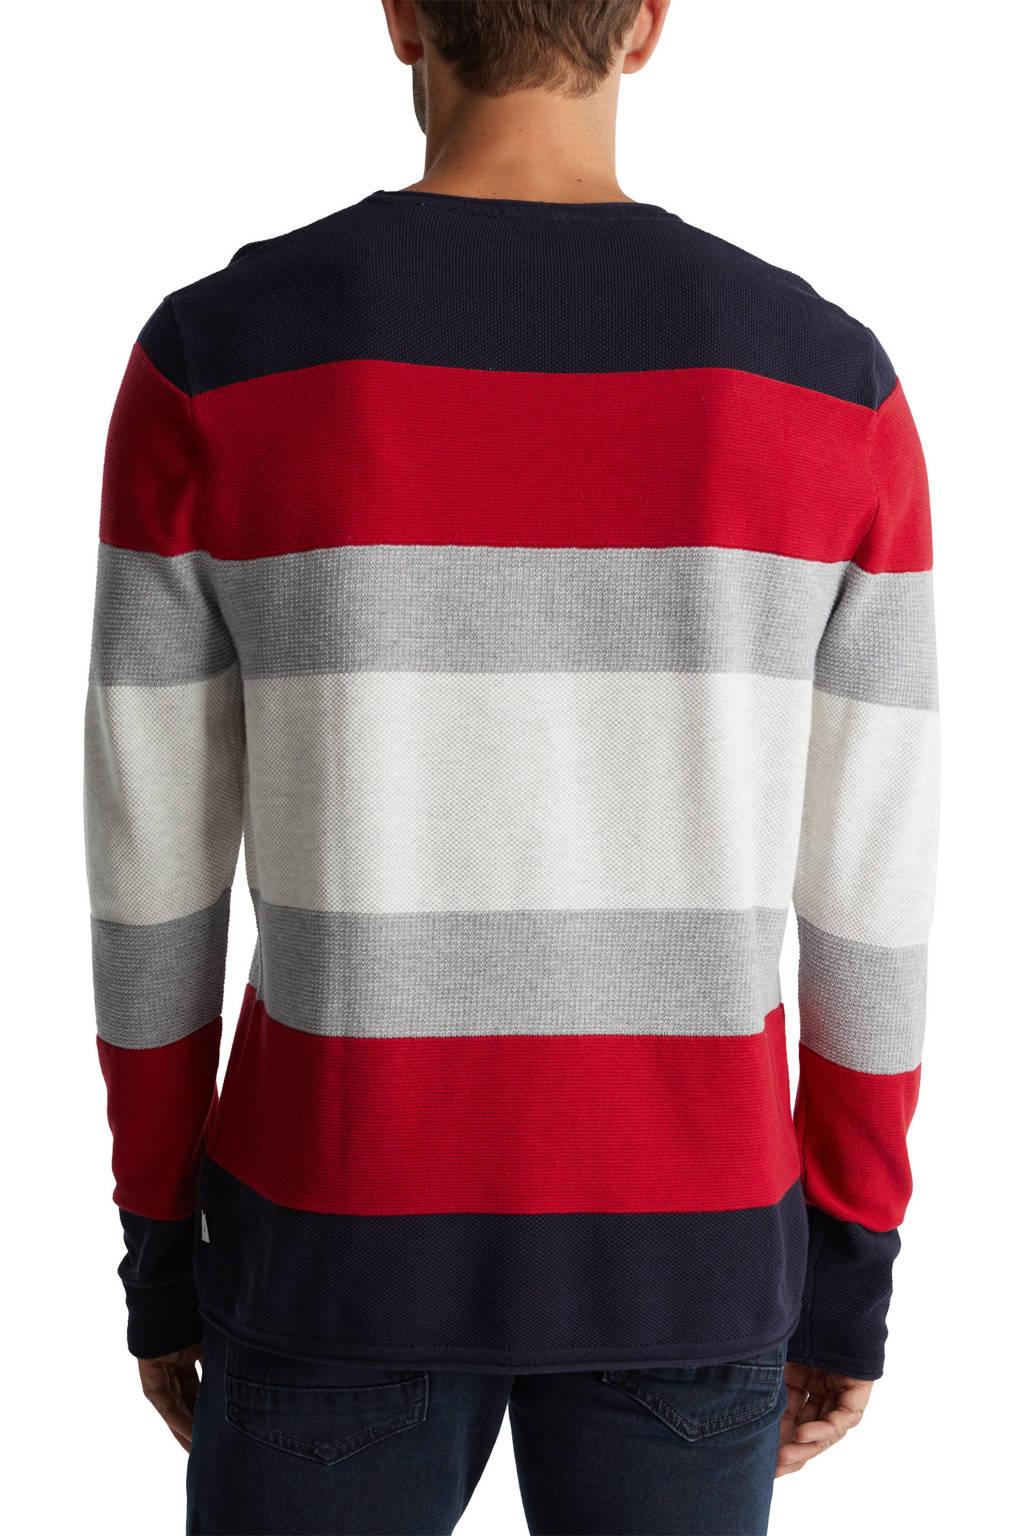 edc Men gestreepte fijngebreide trui van biologisch katoen rood/grijs/donkerblauw, Rood/grijs/donkerblauw